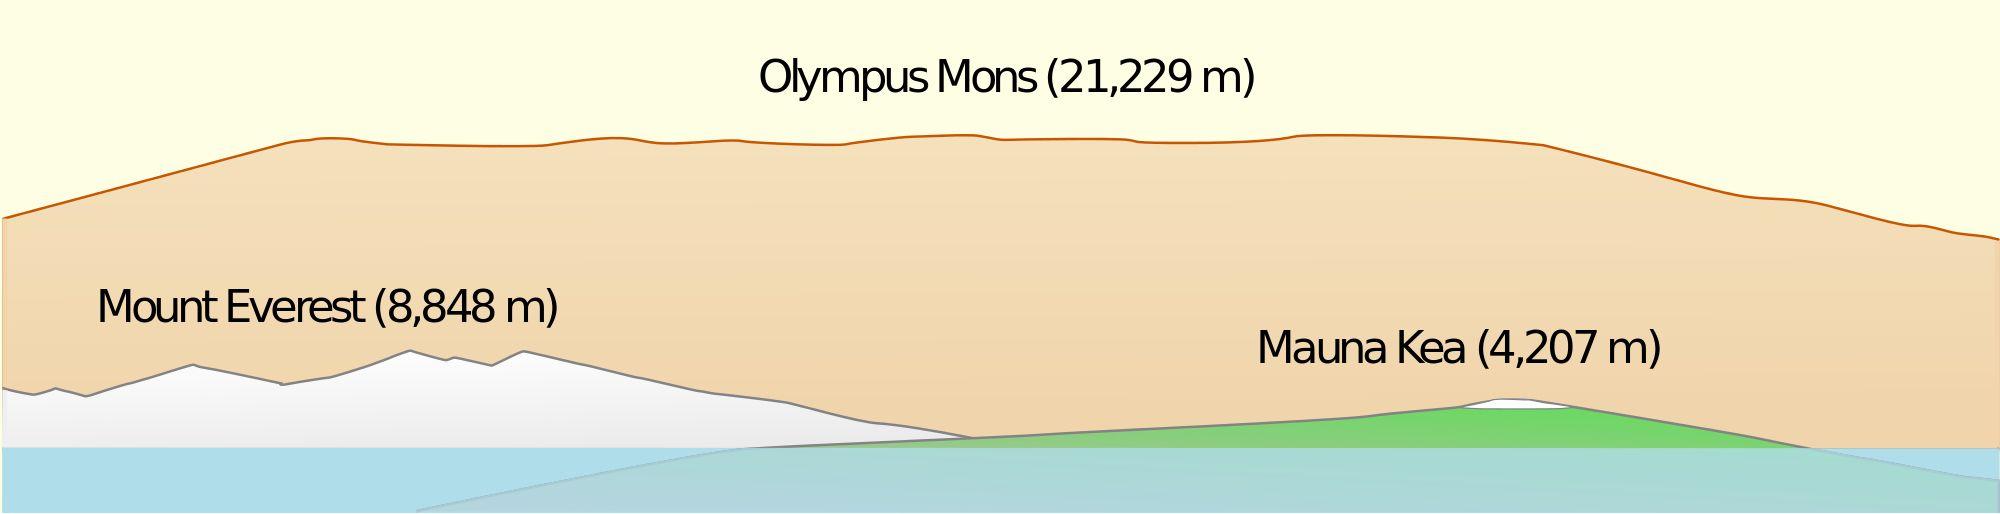 이미지 출처 https://upload.wikimedia.org/wikipedia/commons/thumb/8/8a/Olympus_Mons_Side_View.svg/2000px-Olympus_Mons_Side_View.svg.png